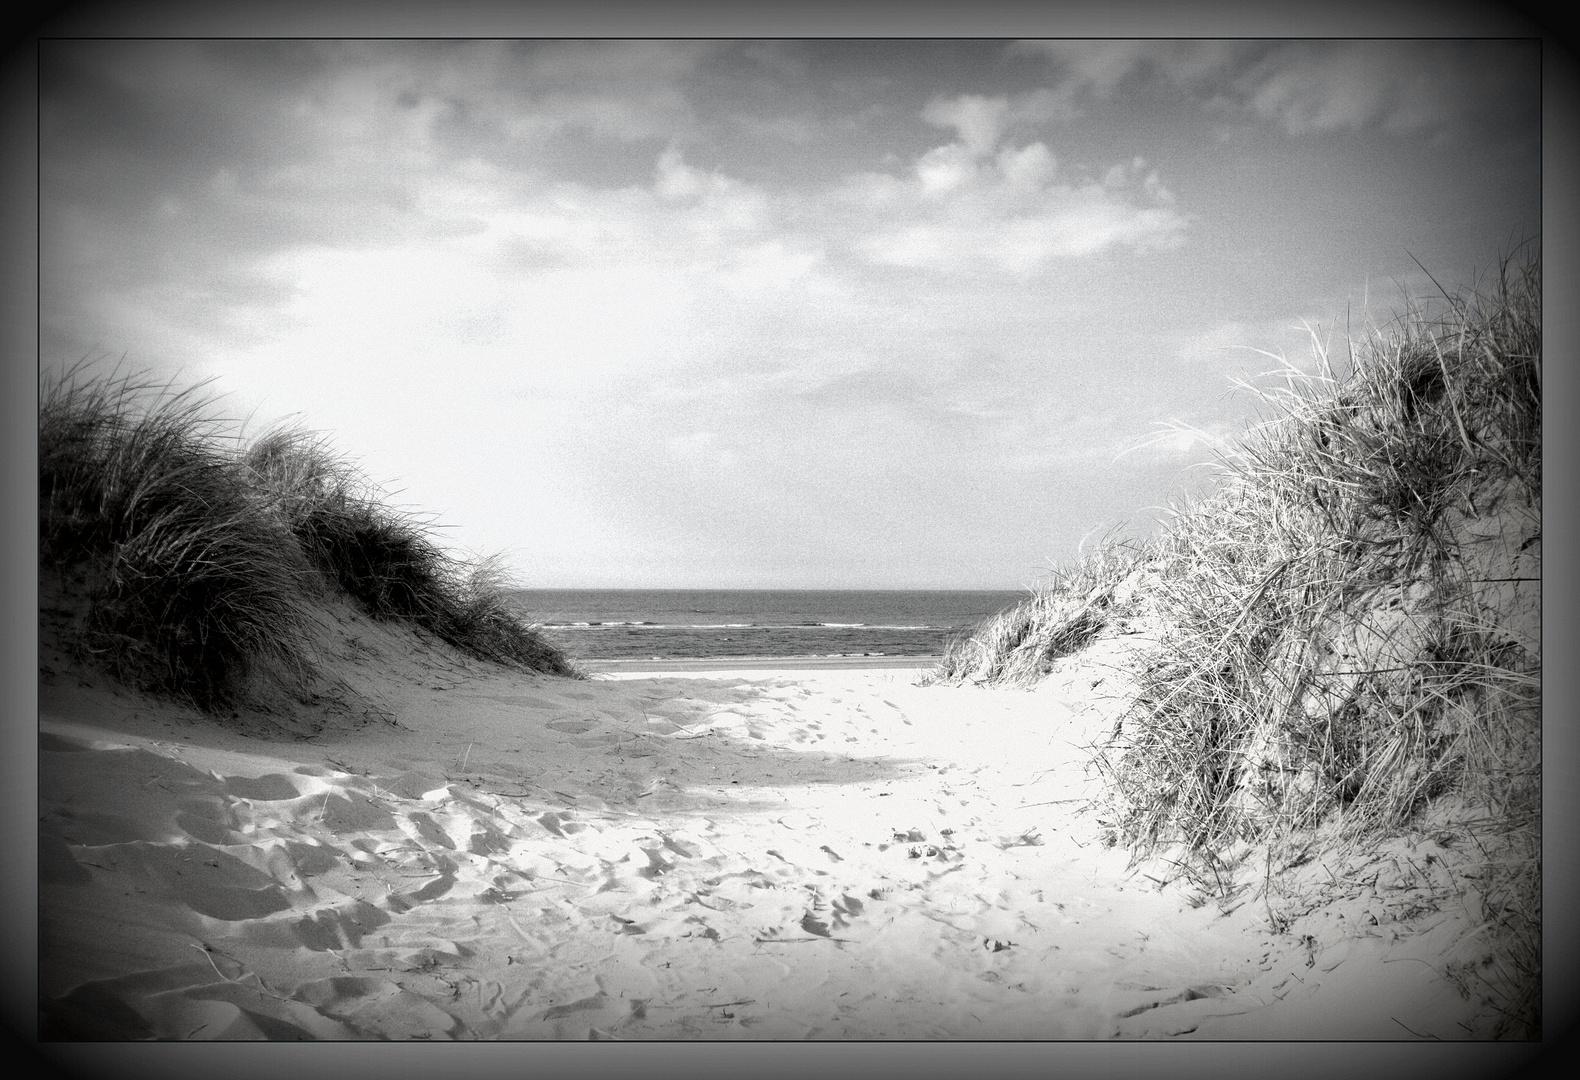 - Erde - Europa - Nordsee - Baltrum - II